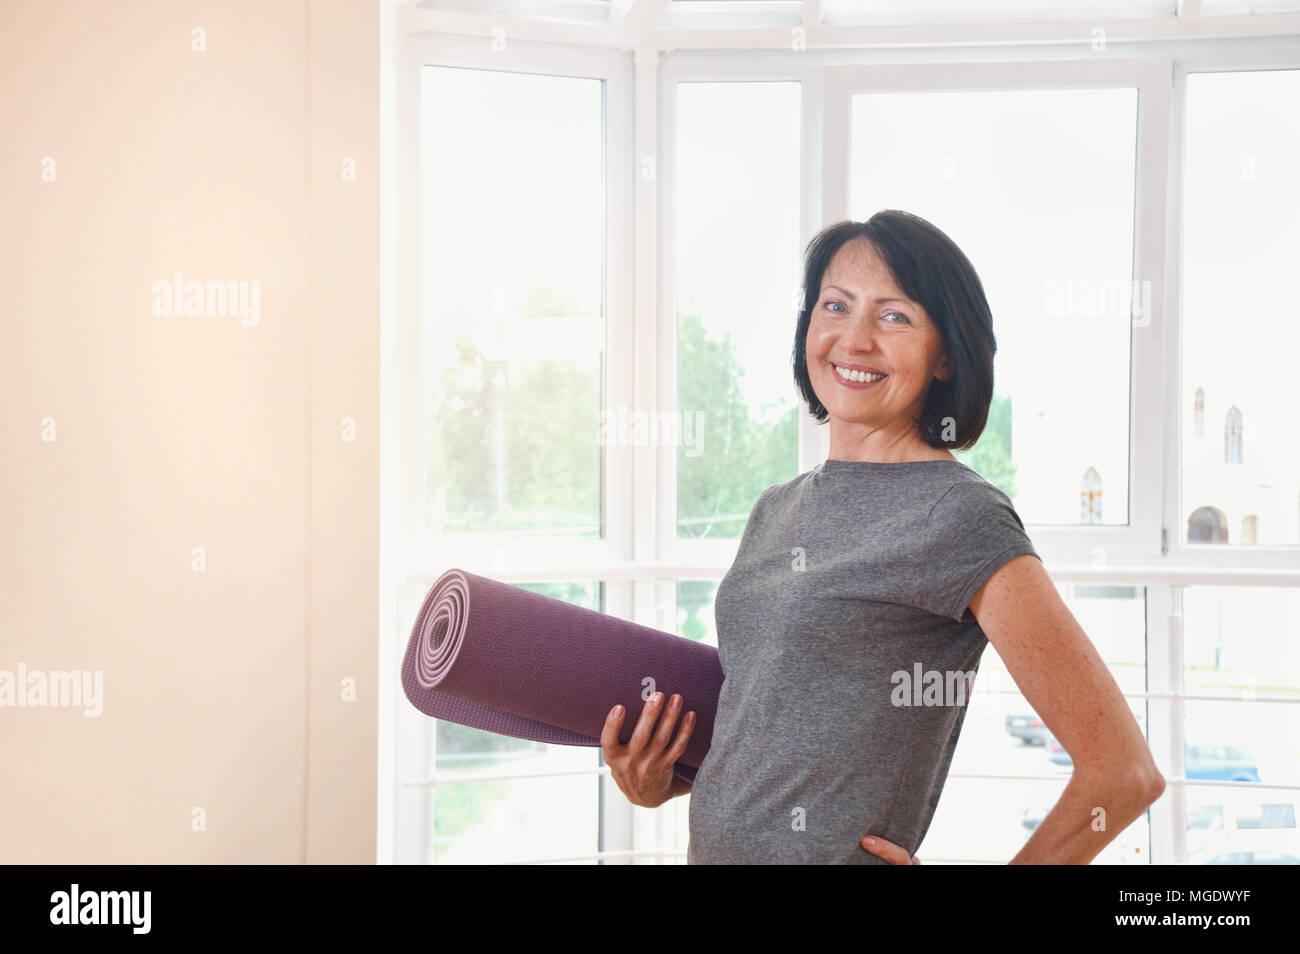 Donna matura azienda arrotolato a esercitare il tappetino in palestra. Allegro femmina istruttore di fitness azienda mat Foto Stock